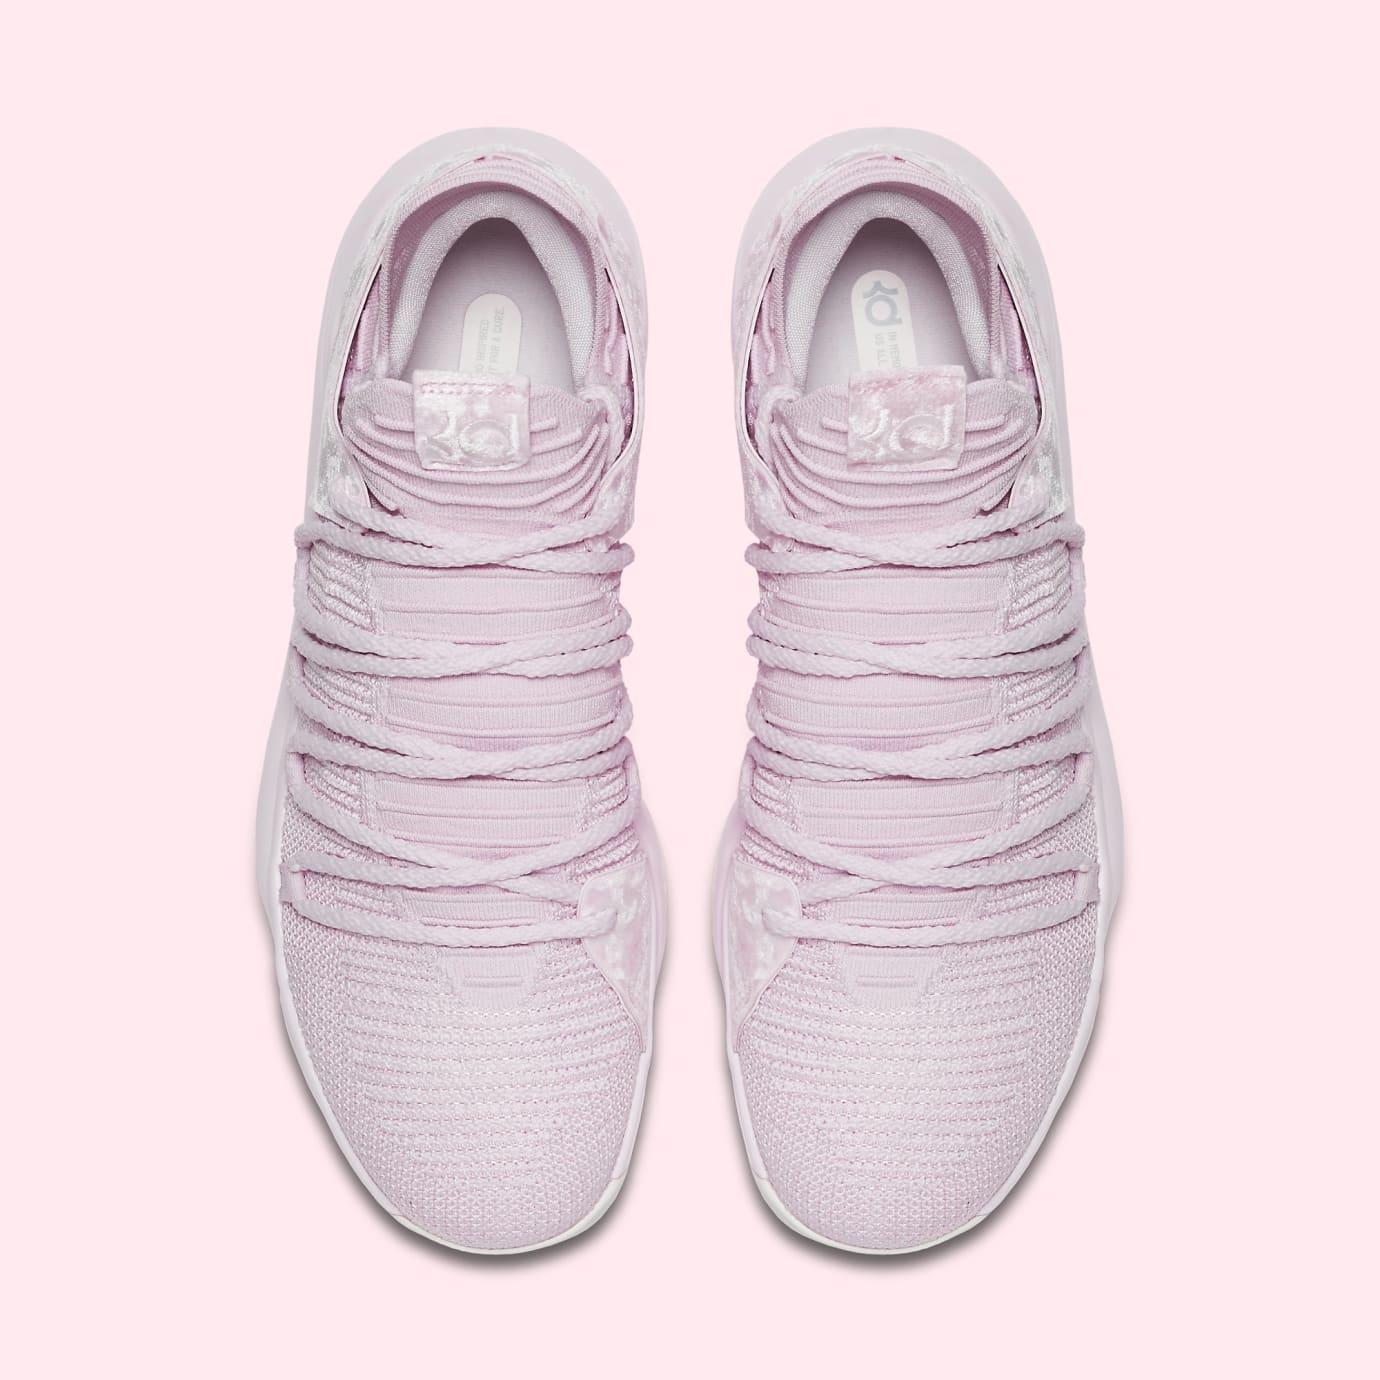 Nike KD 10 'Aunt Pearl' AQ4110-600 (Top)